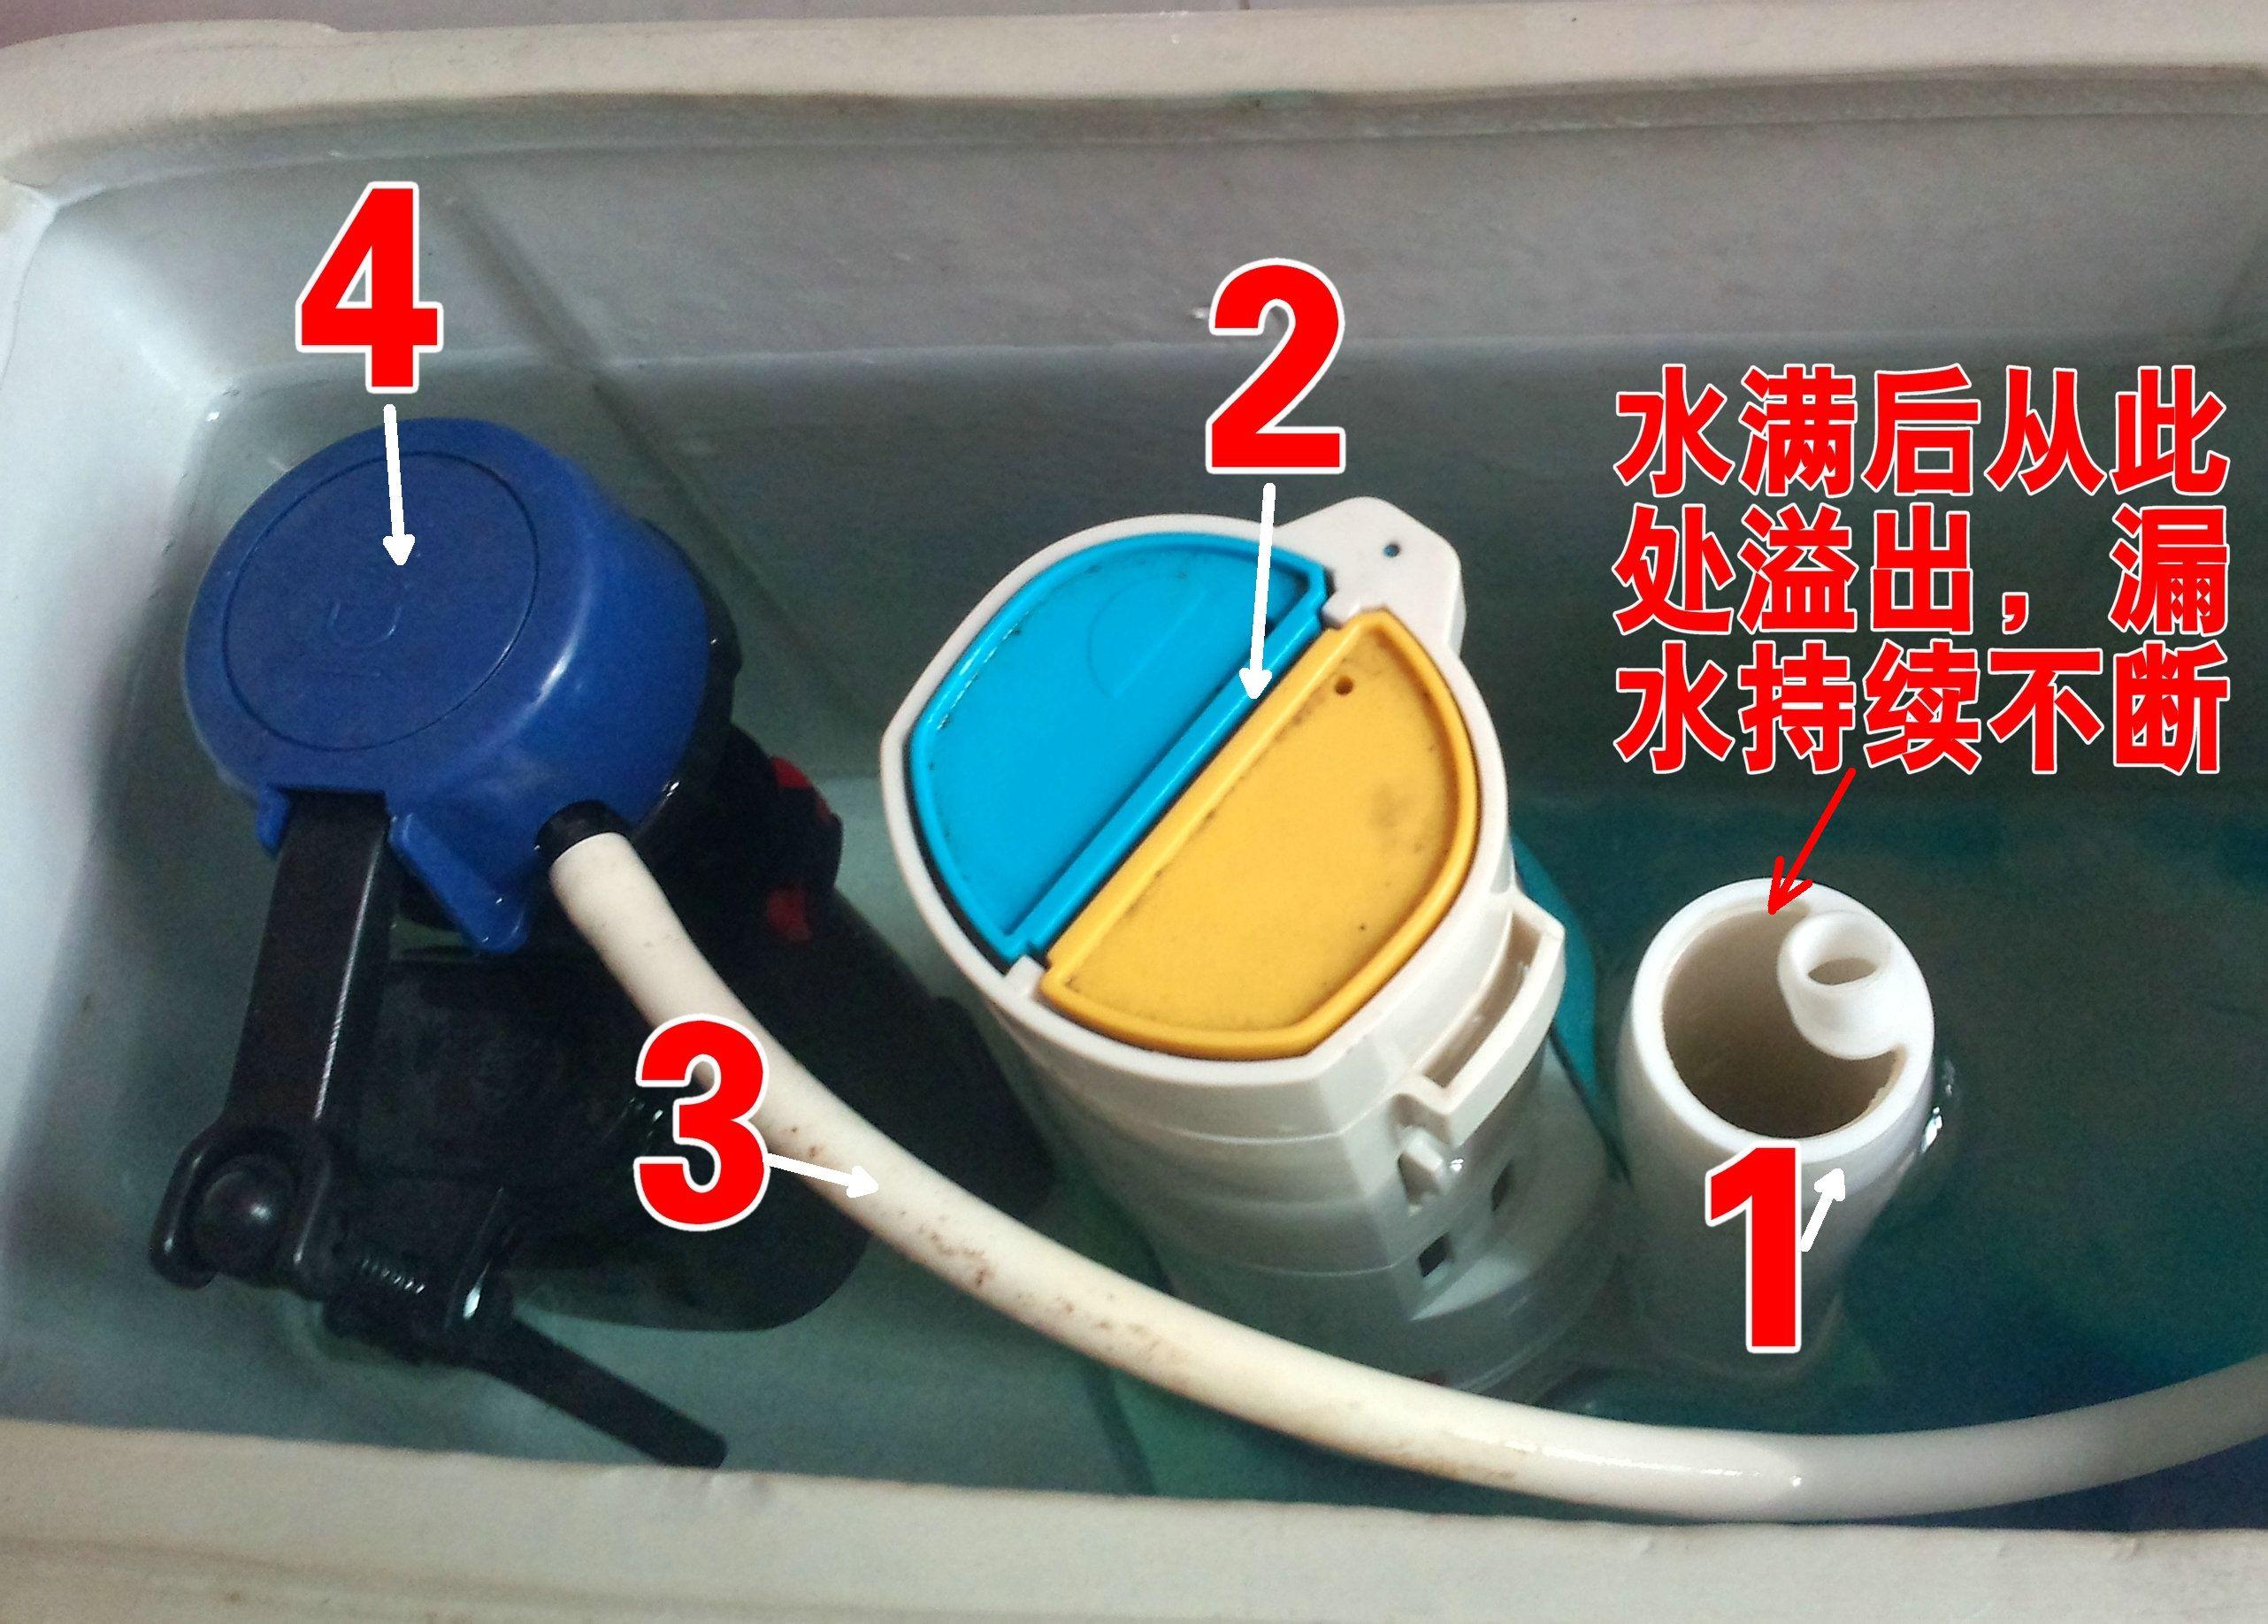 马桶水箱漏水(附图),怎么修?图片